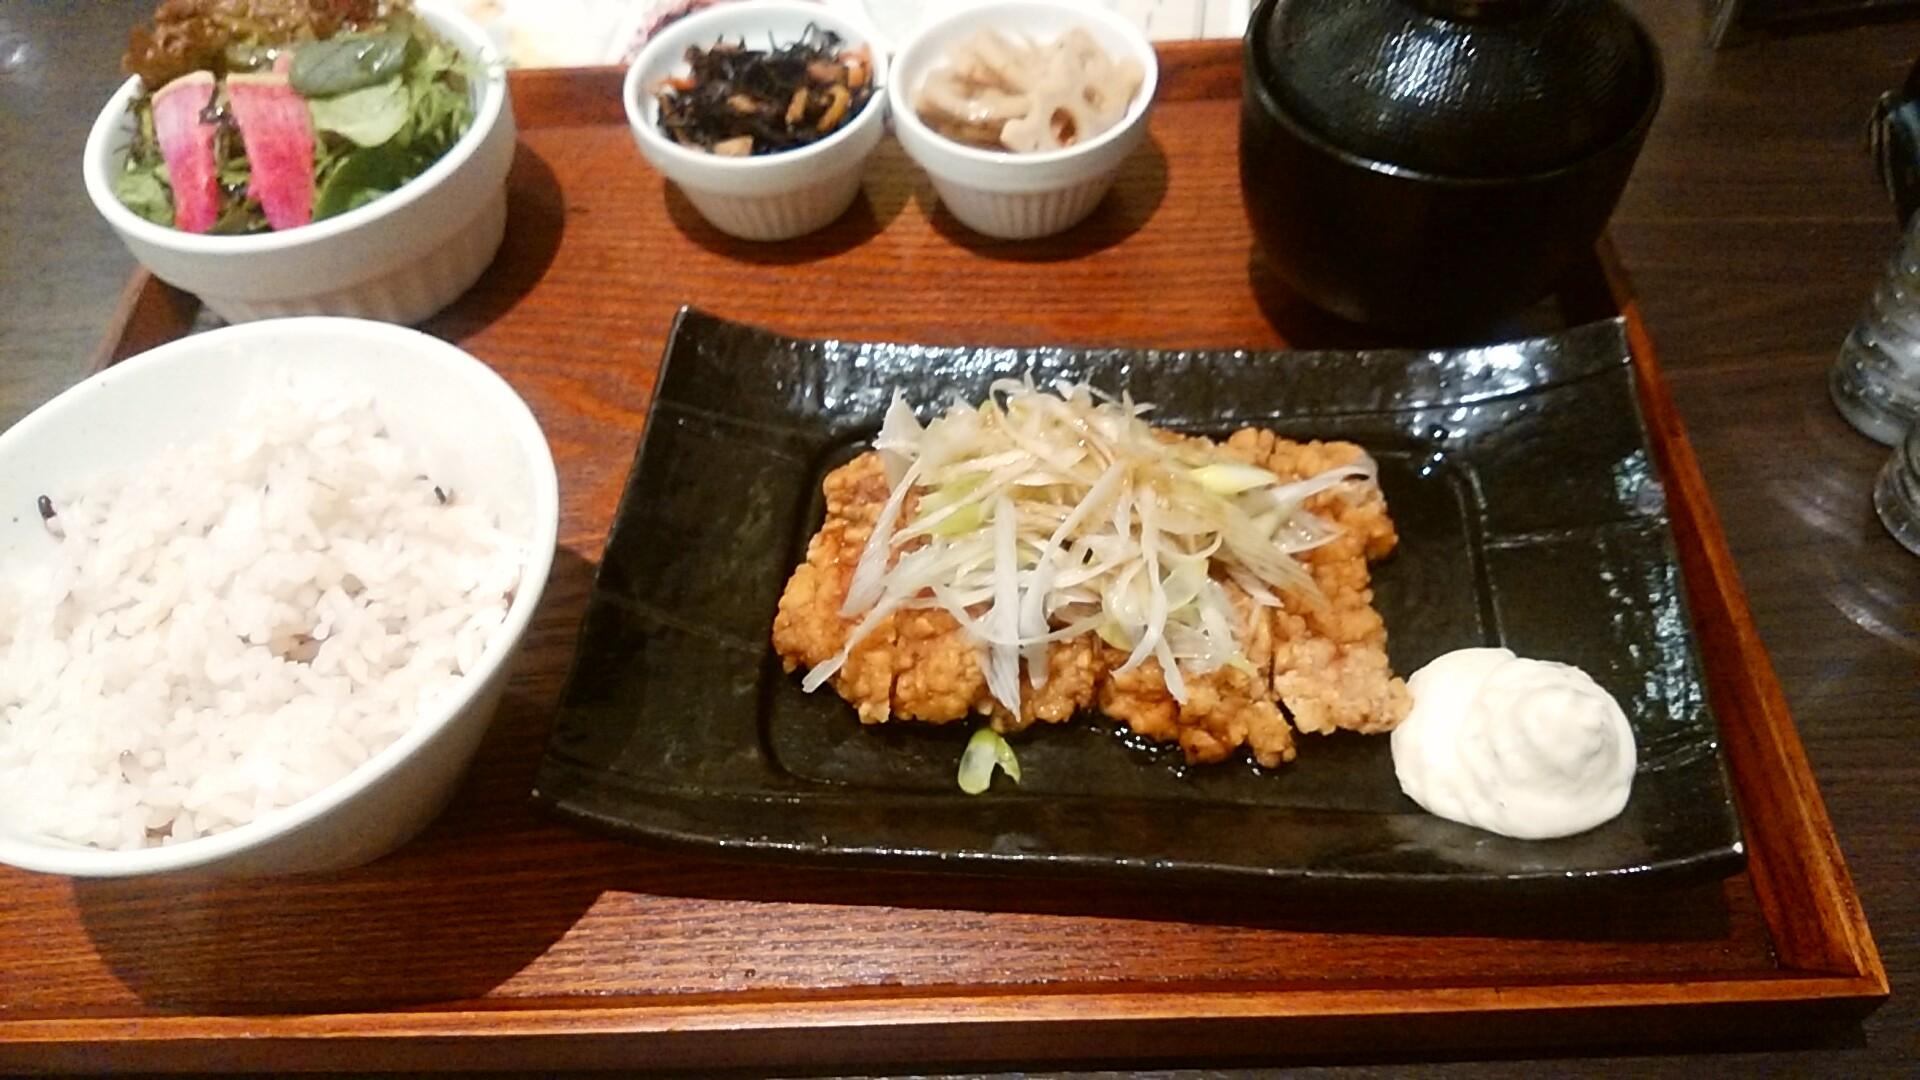 油淋鶏(ユーリンチー)の定食